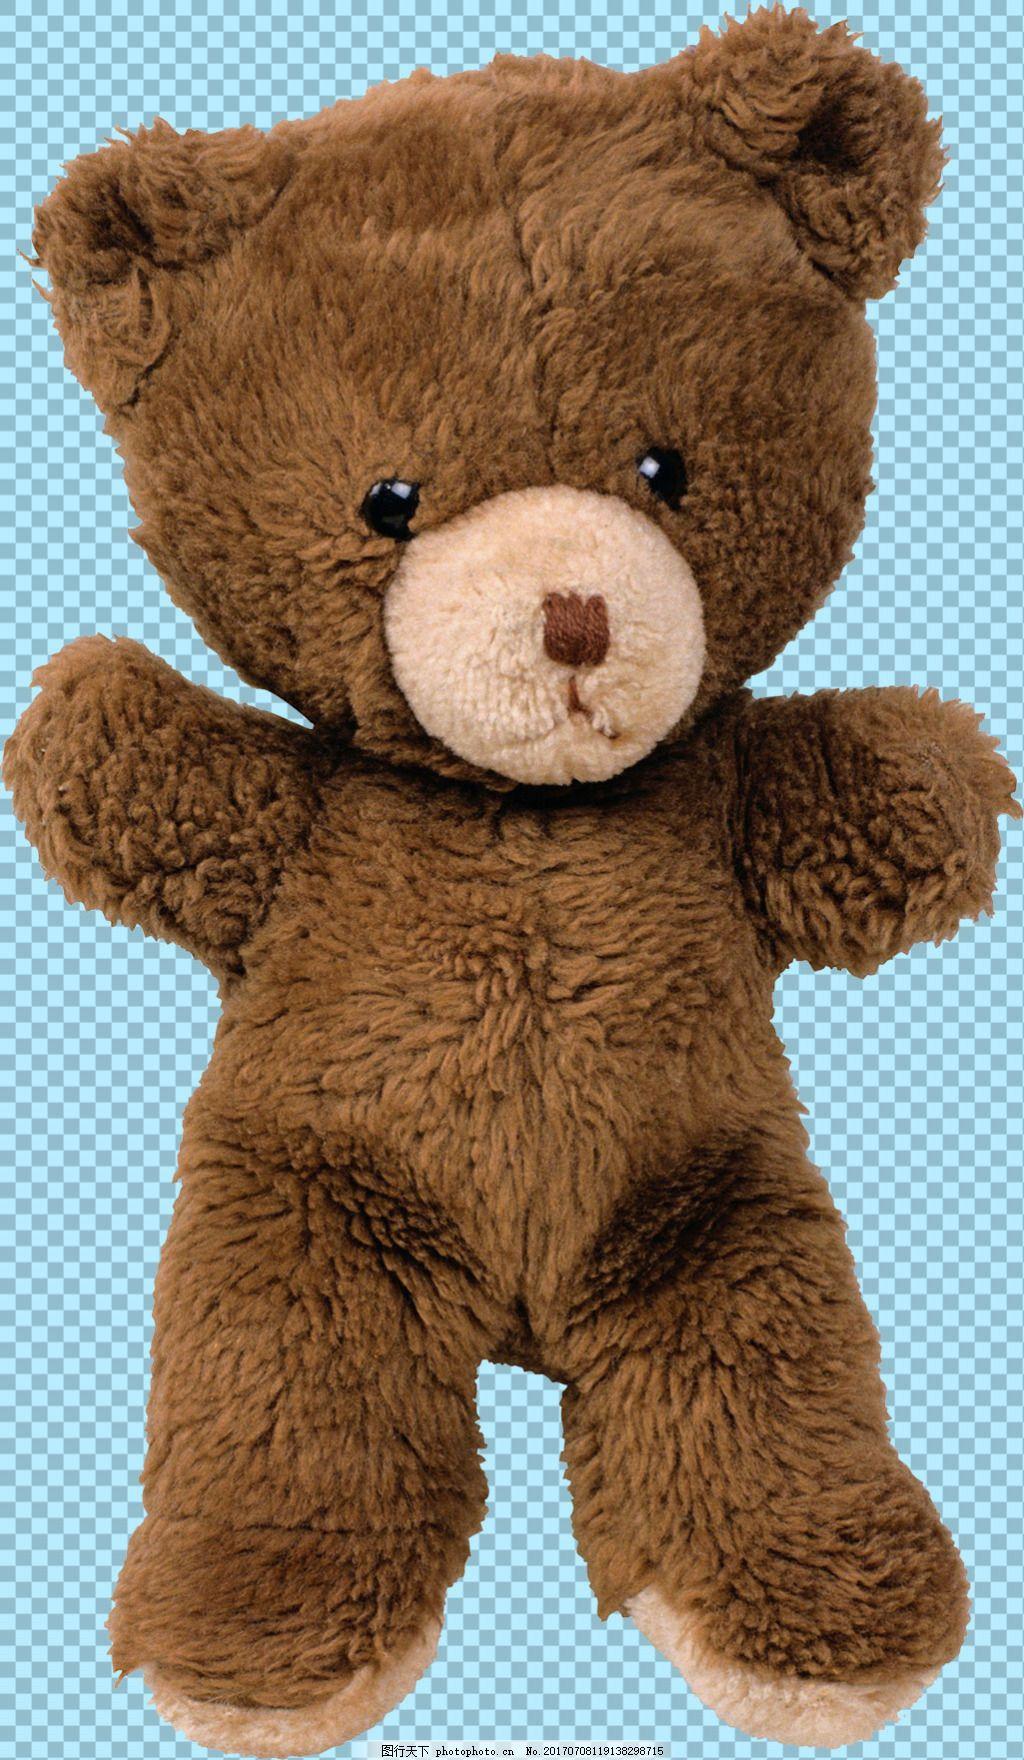 可爱布偶玩具熊图片免抠png透明图层素材